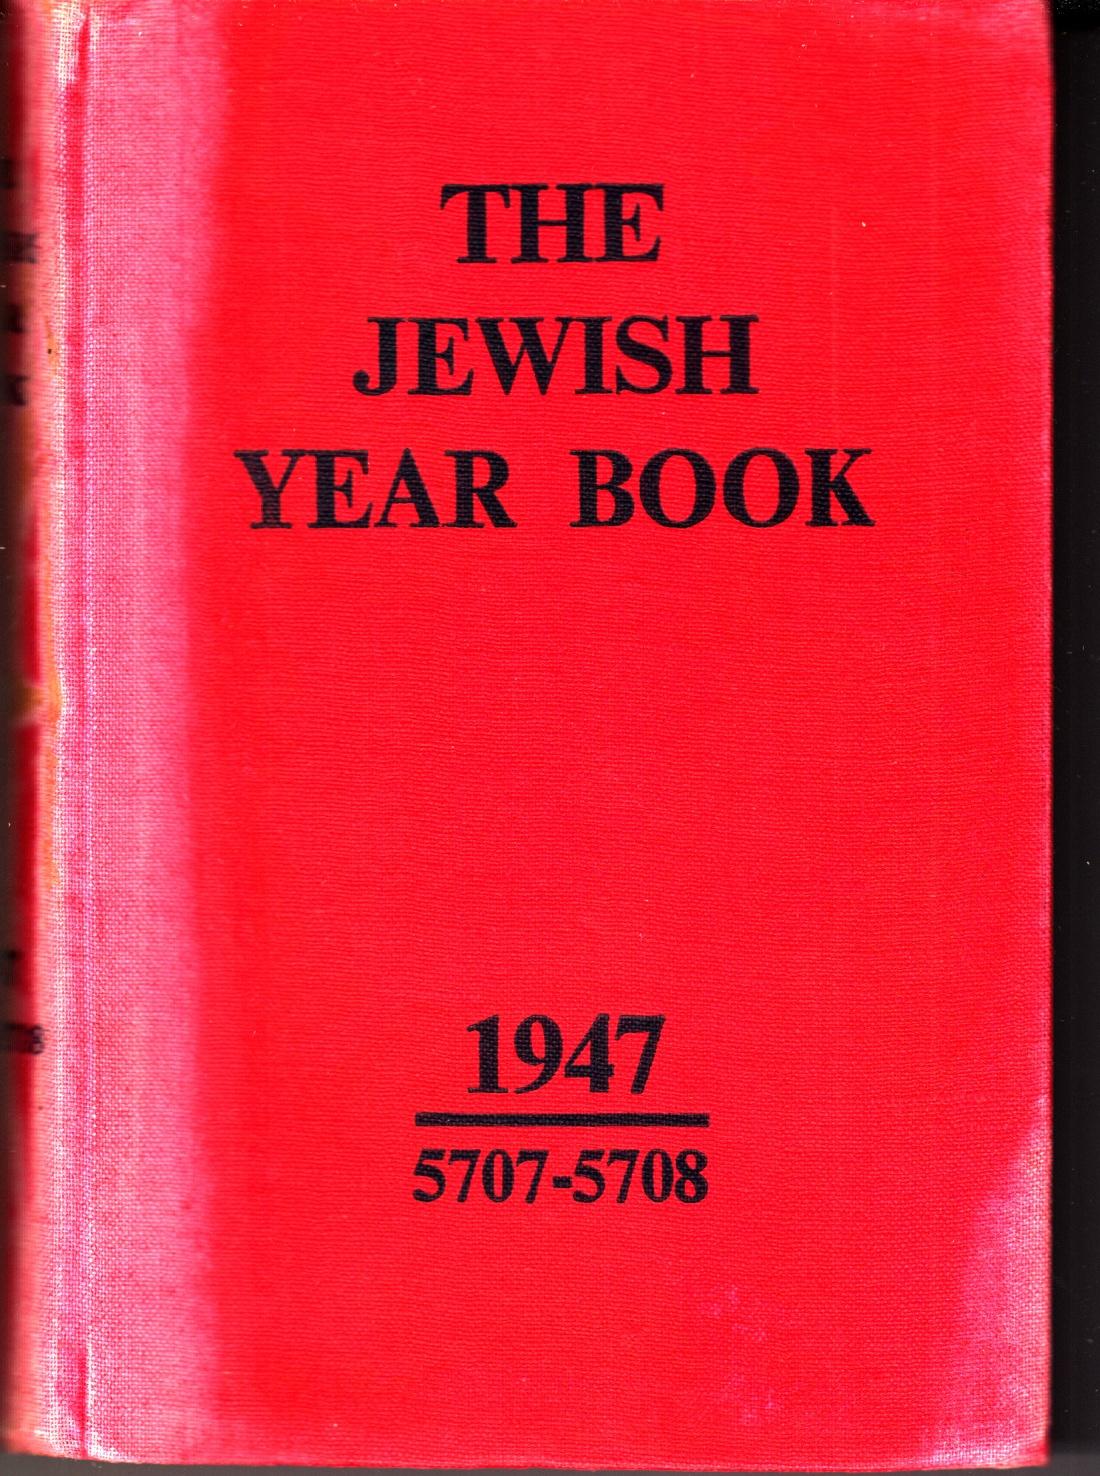 7c 1947JYB cover